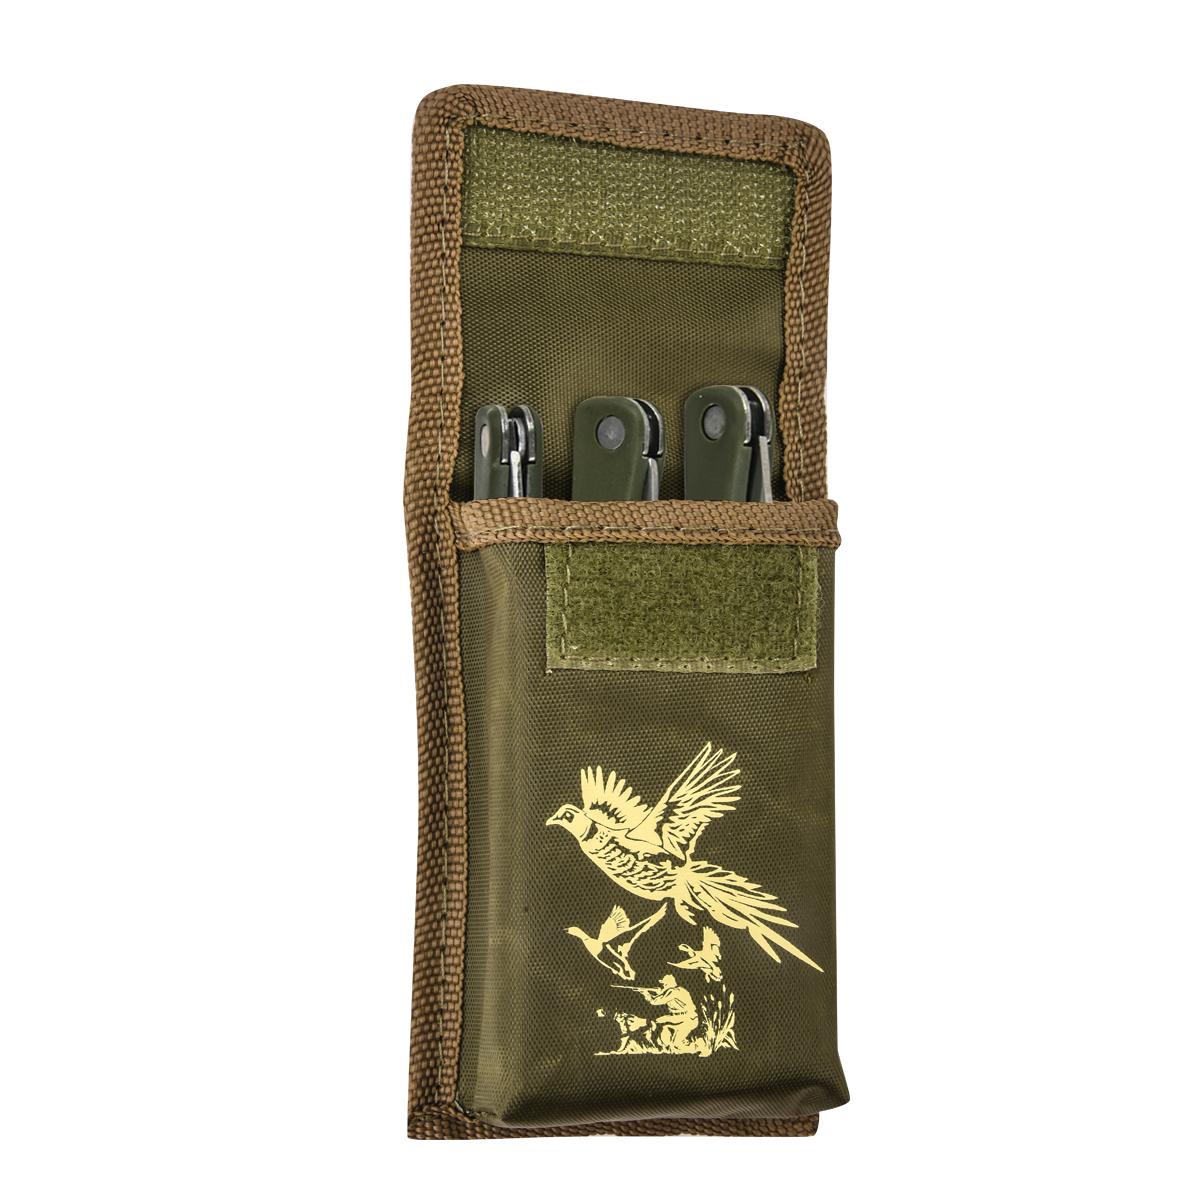 Недорогой подарок охотнику – набор столовых приборов